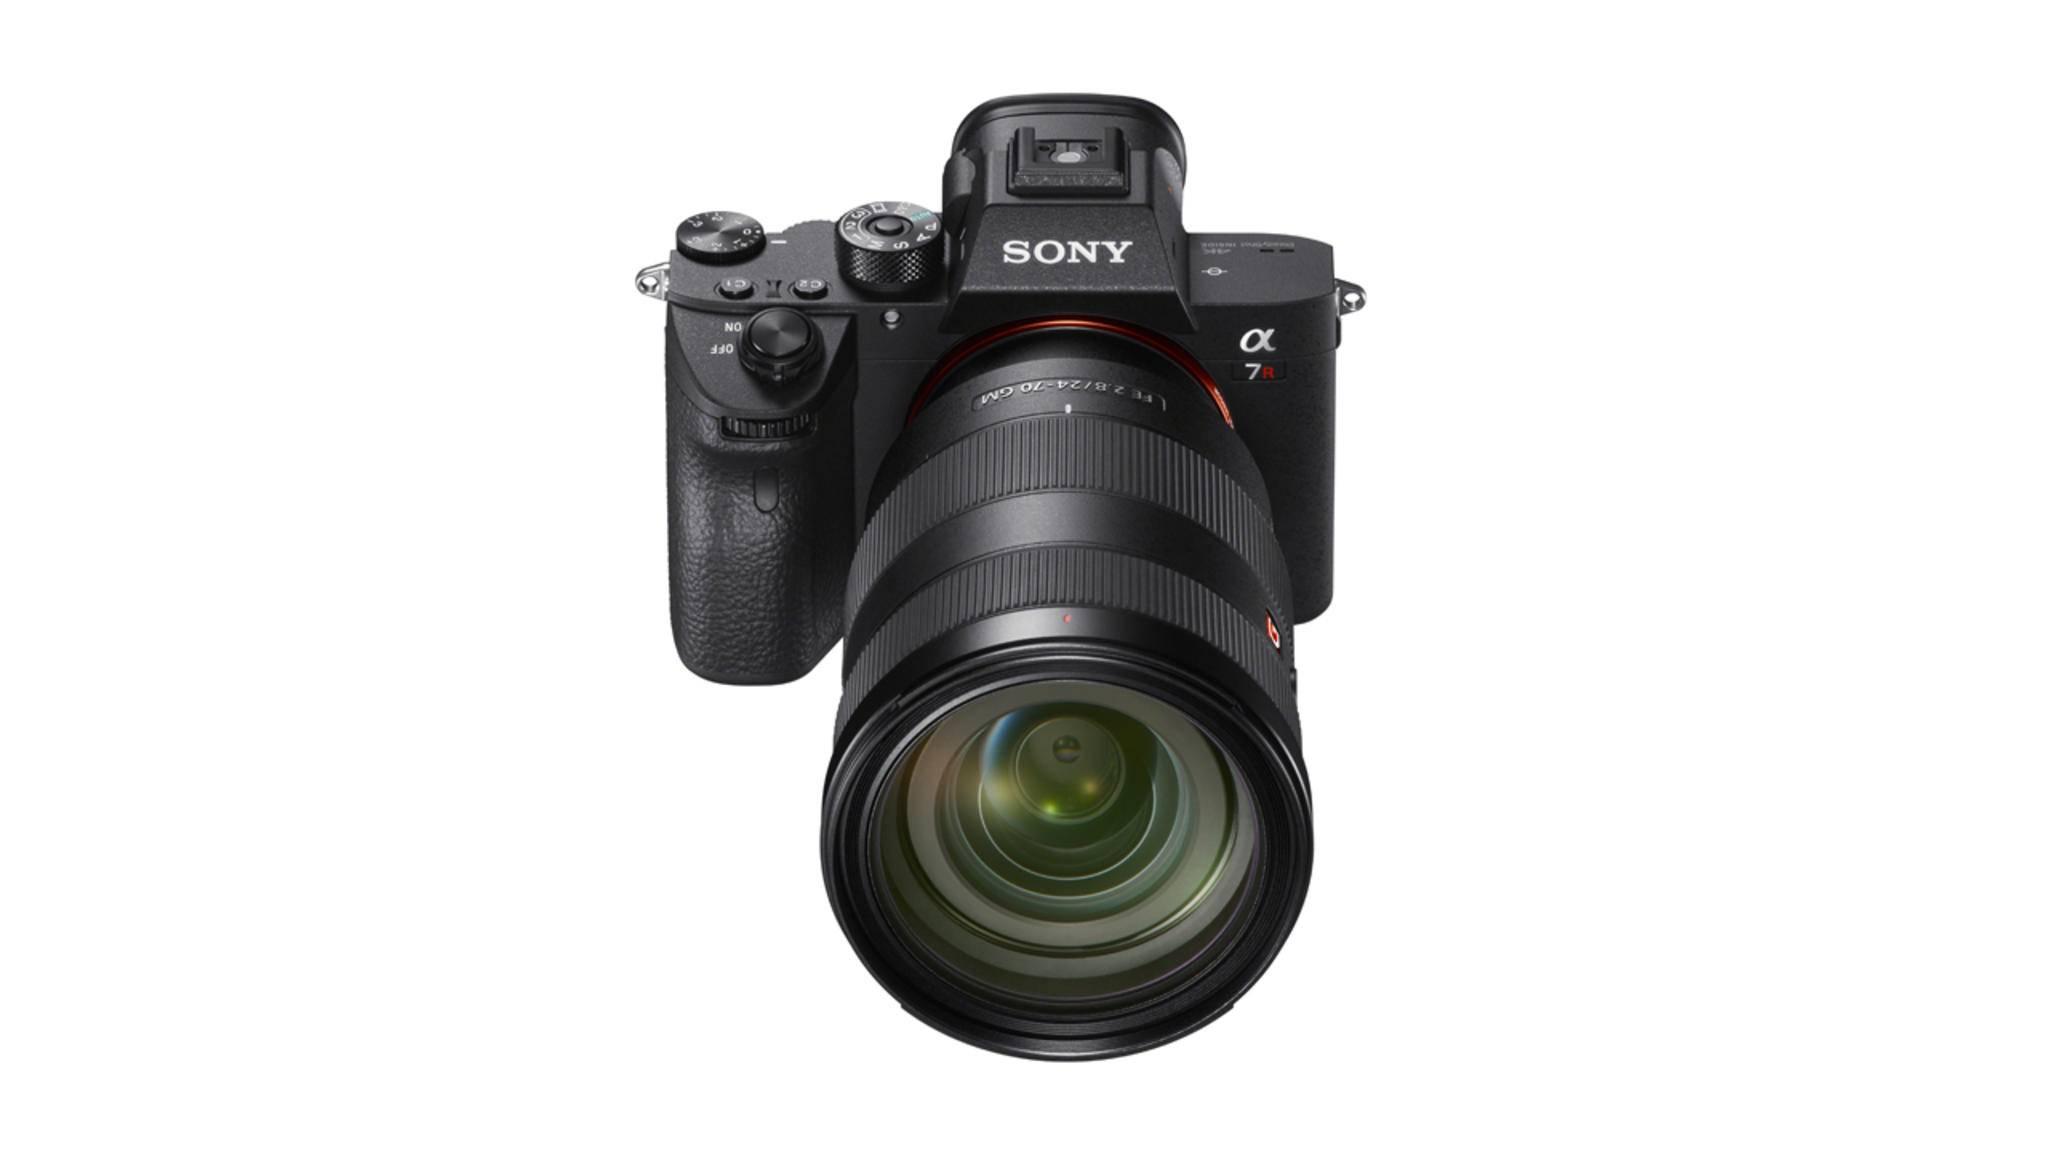 Die Sony A7R III soll mit hoher Auflösung und rasantem Tempo punkten.